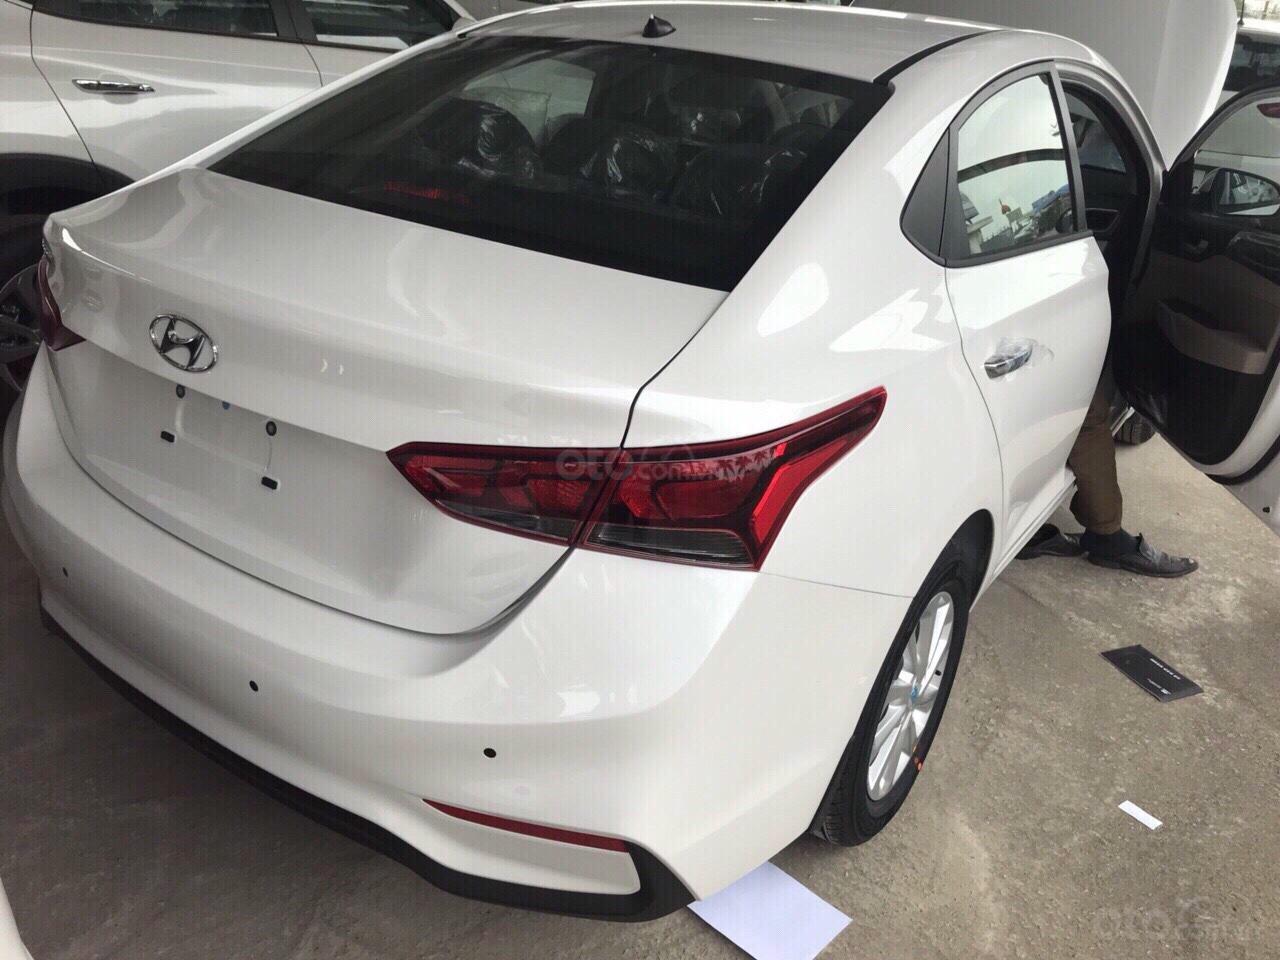 Hyundai Accent 2018, giao ngay, sẵn đủ màu, hỗ trợ ngân hàng 85% với lãi suất thấp nhất. Trả trước chỉ 140 triệu-2